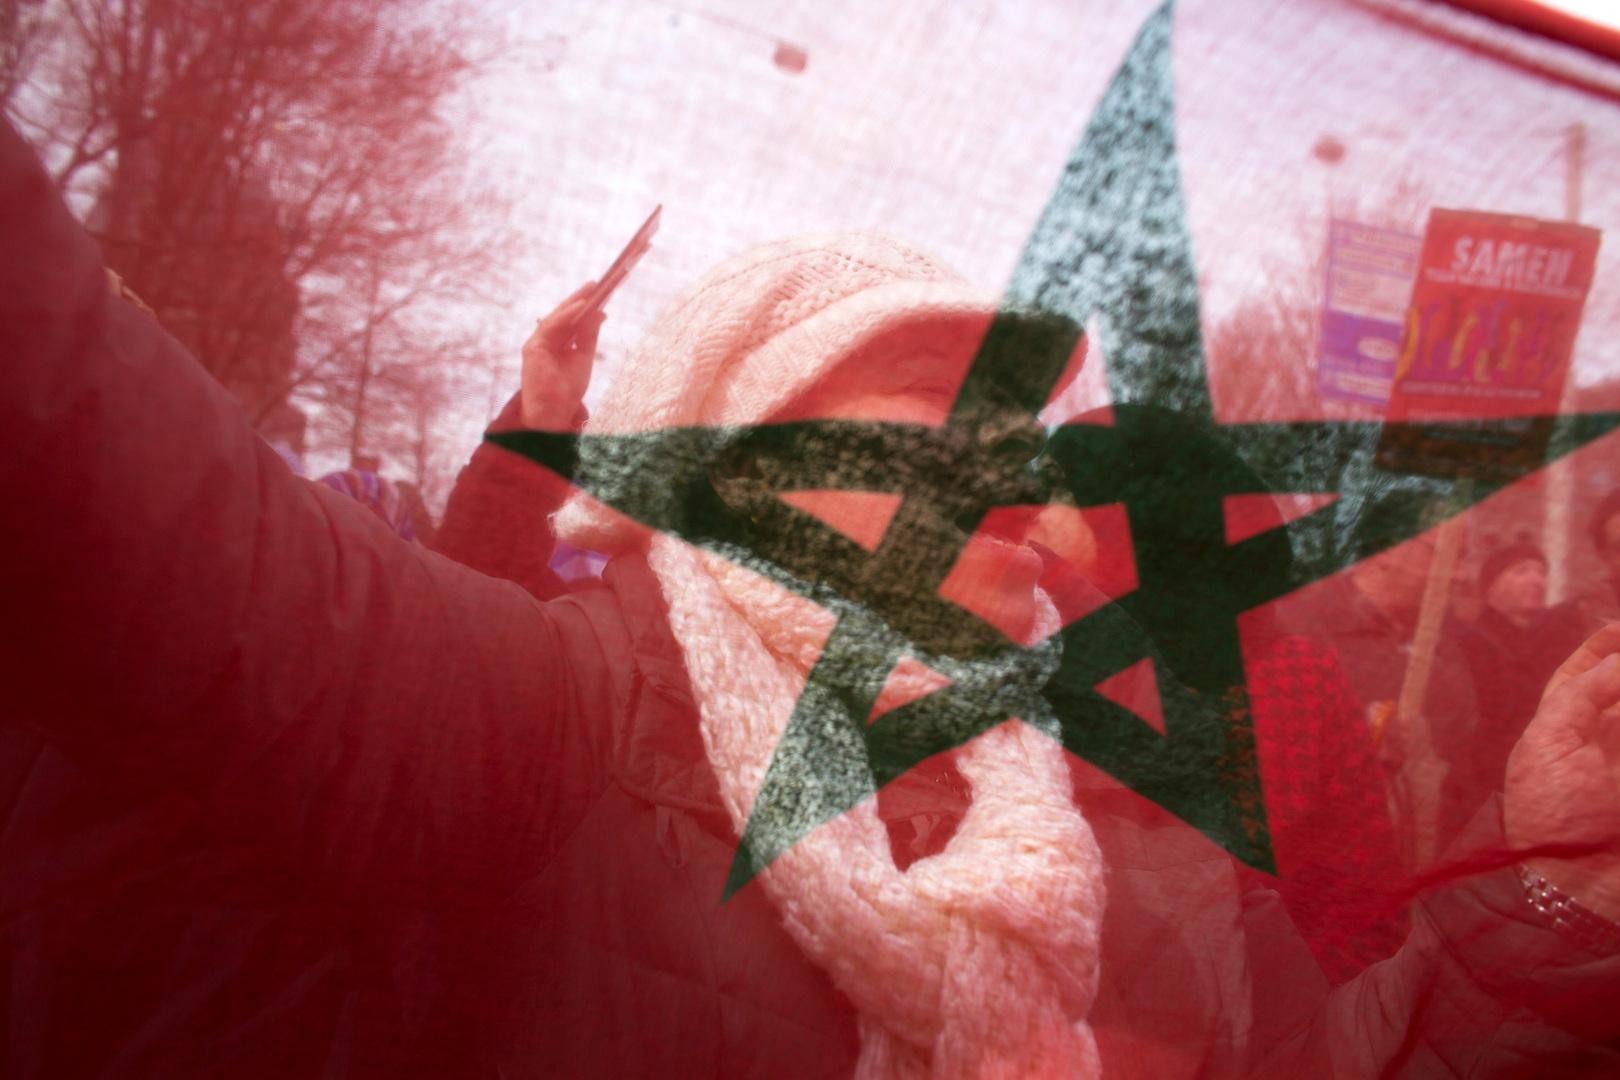 نشطاء حقوقيون يطالبون المغرب بعدم تسليم رجل من الإيغور للصين